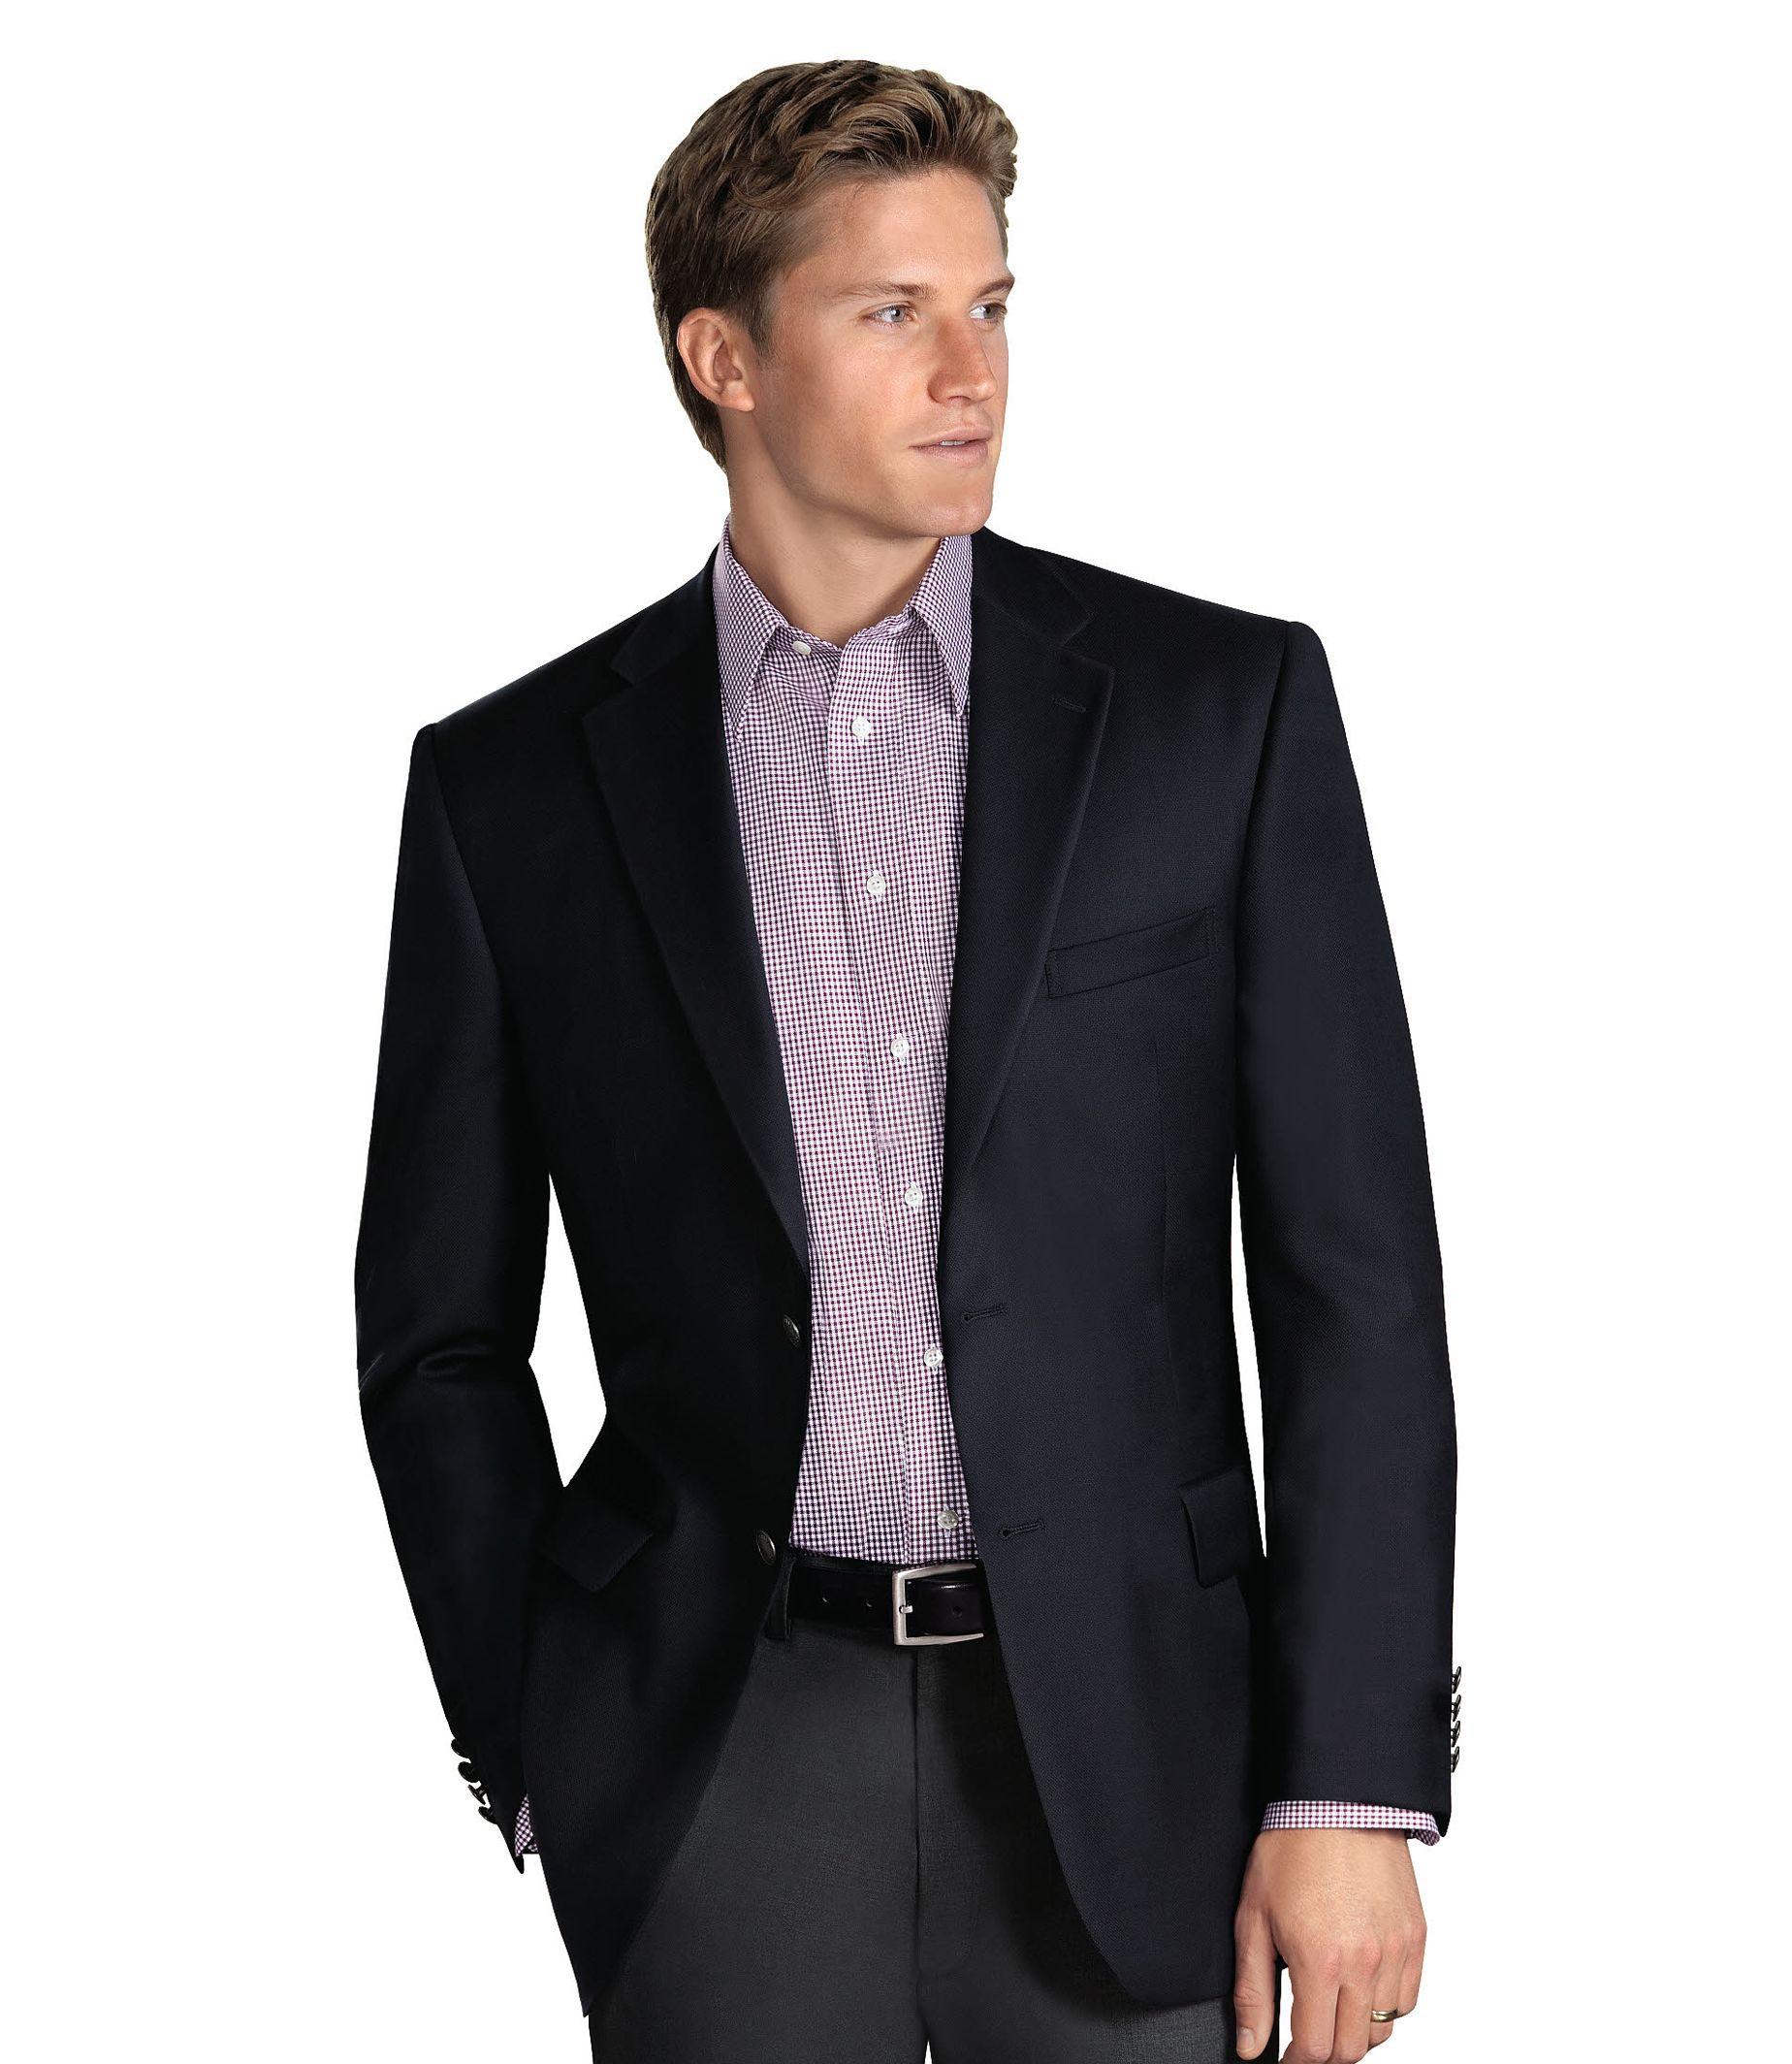 Men\'s Suits Sale | Shop Men\'s Clothing Deals & Promos | JoS. A. Bank